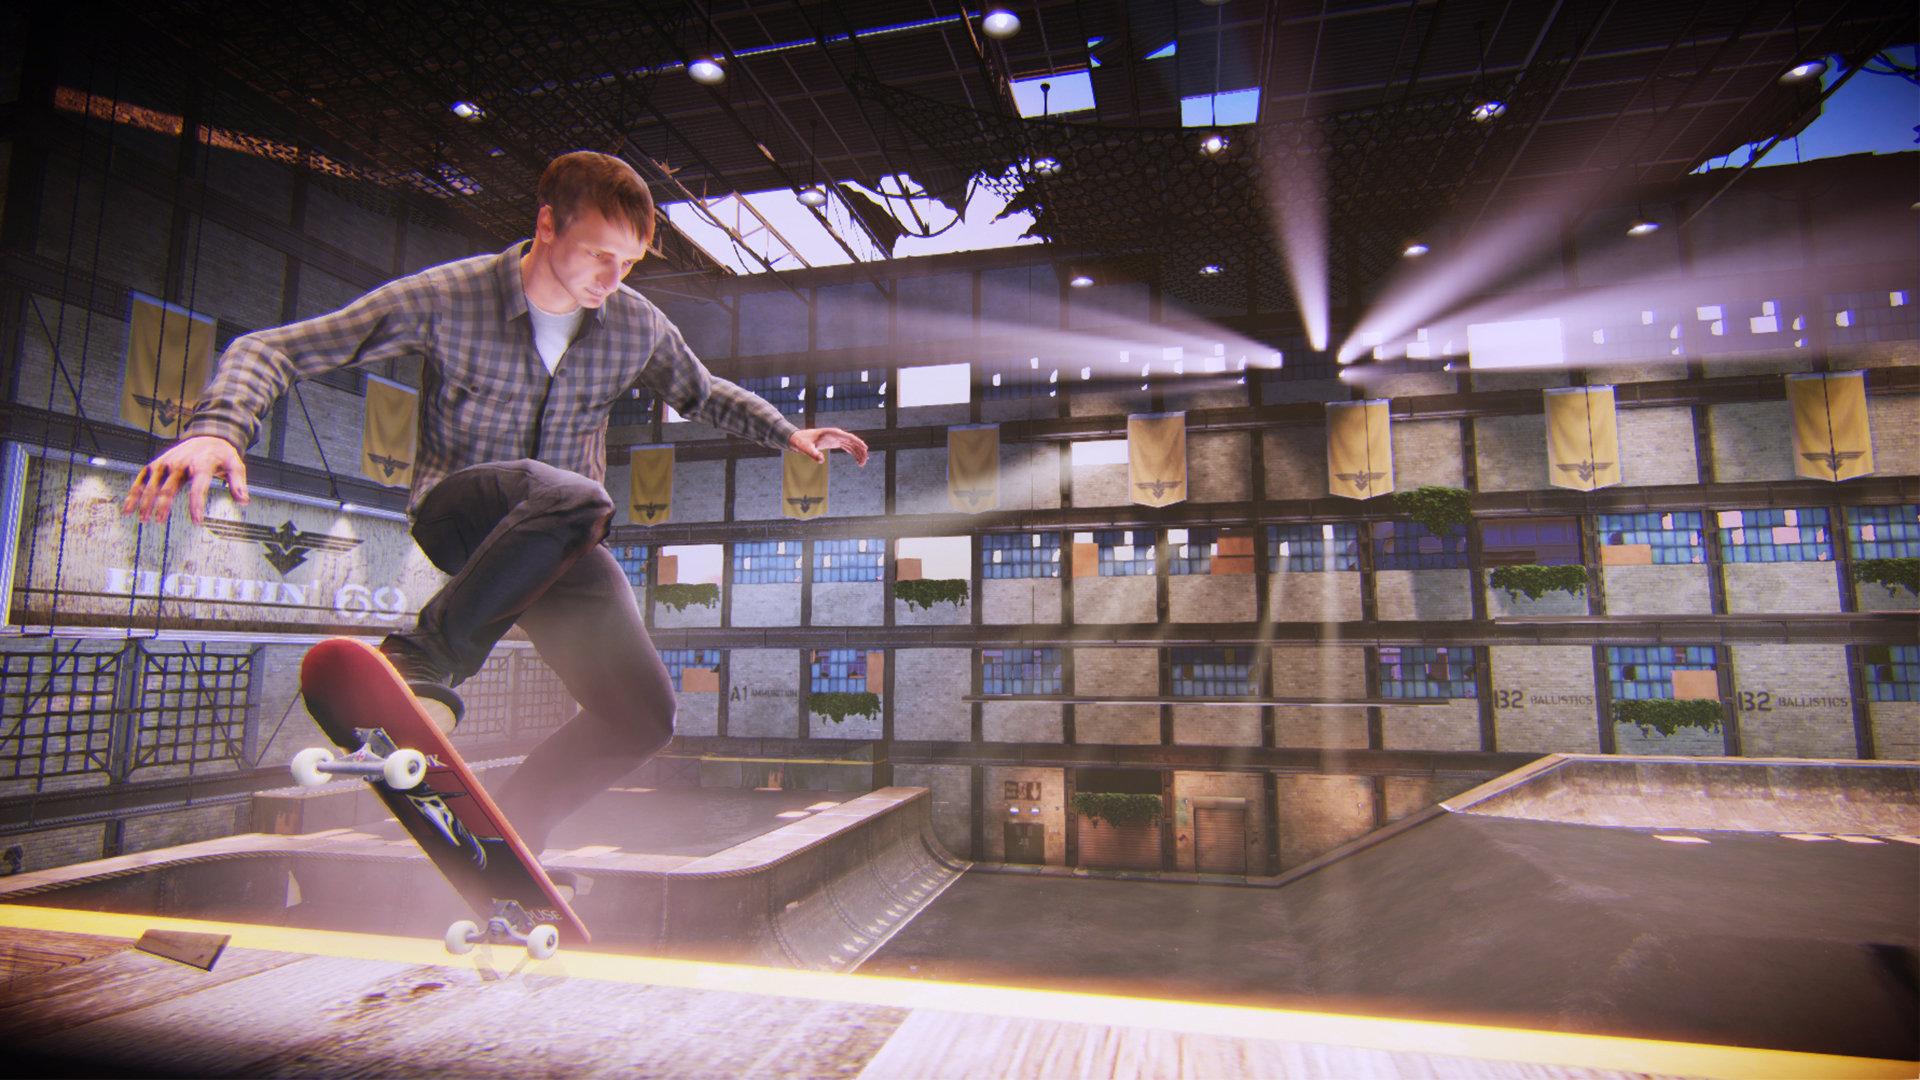 Tony Hawk's Pro Skater 5 marque le retour de la licence à succès de skateboard